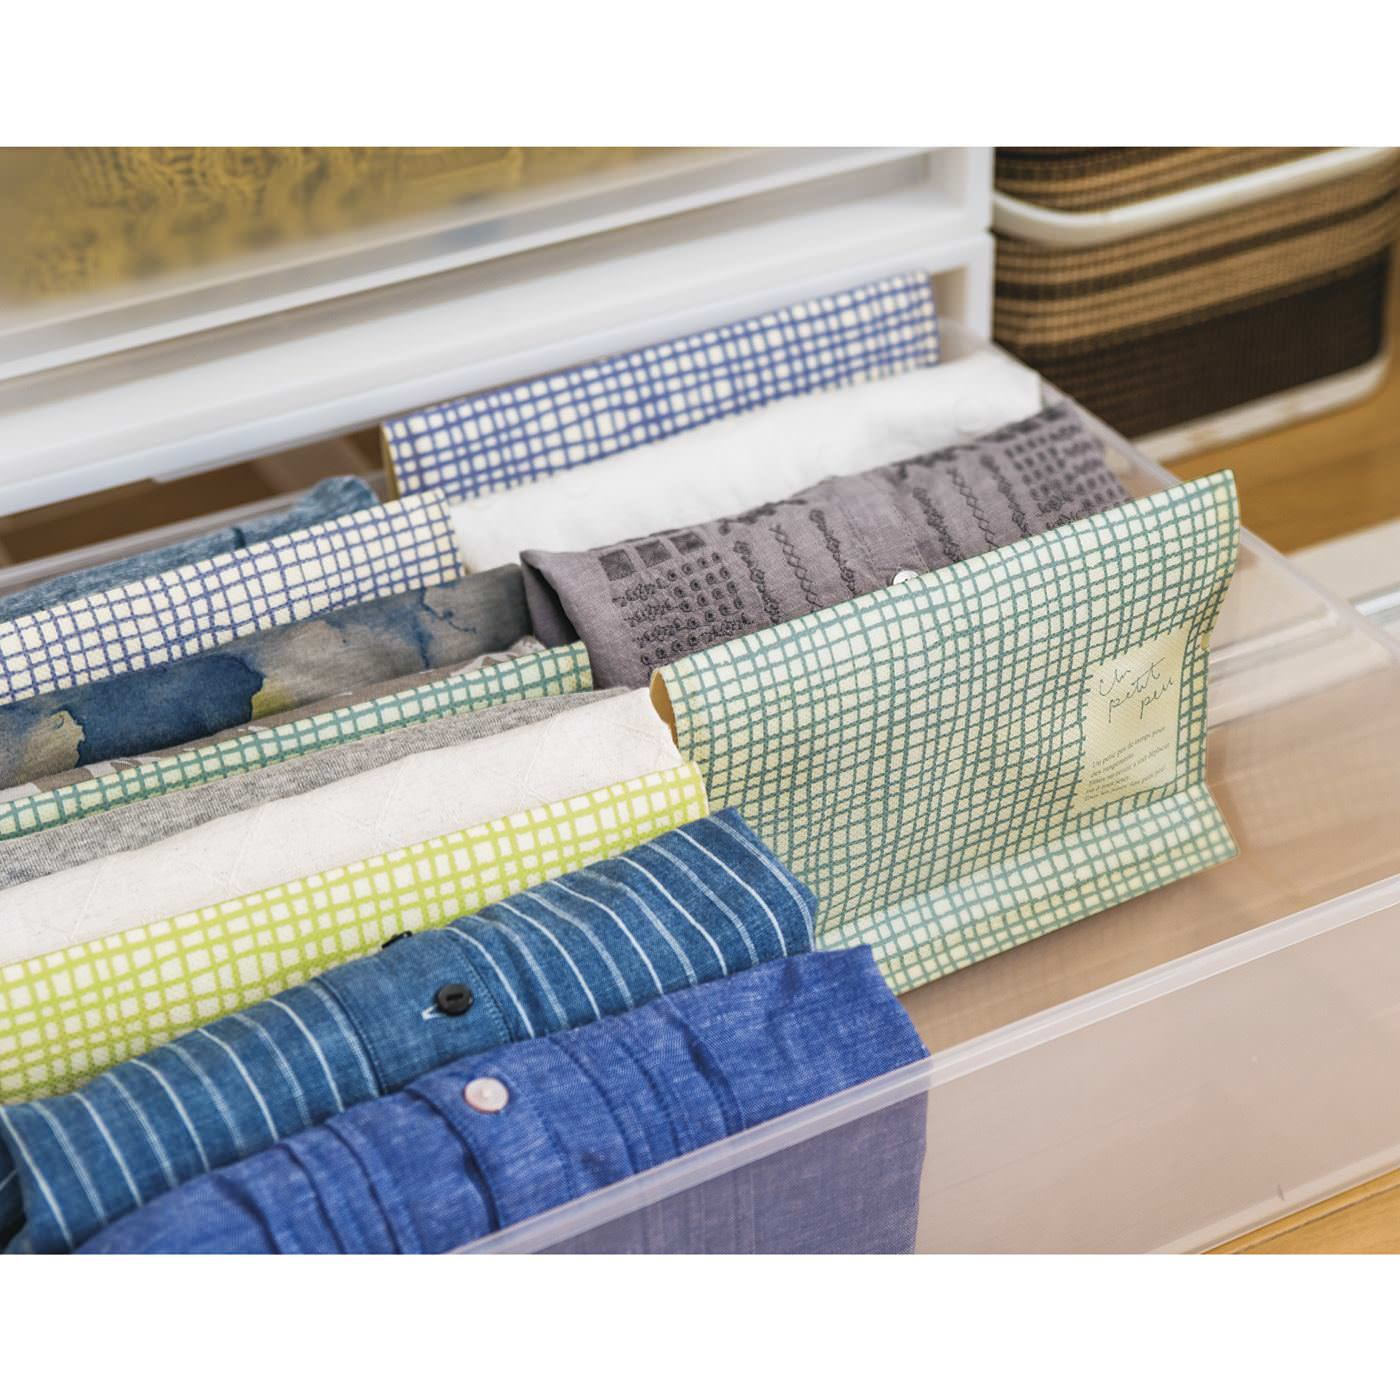 衣類ケース内の仕切りとして使えば、取り出しやすい立て収納が可能に。